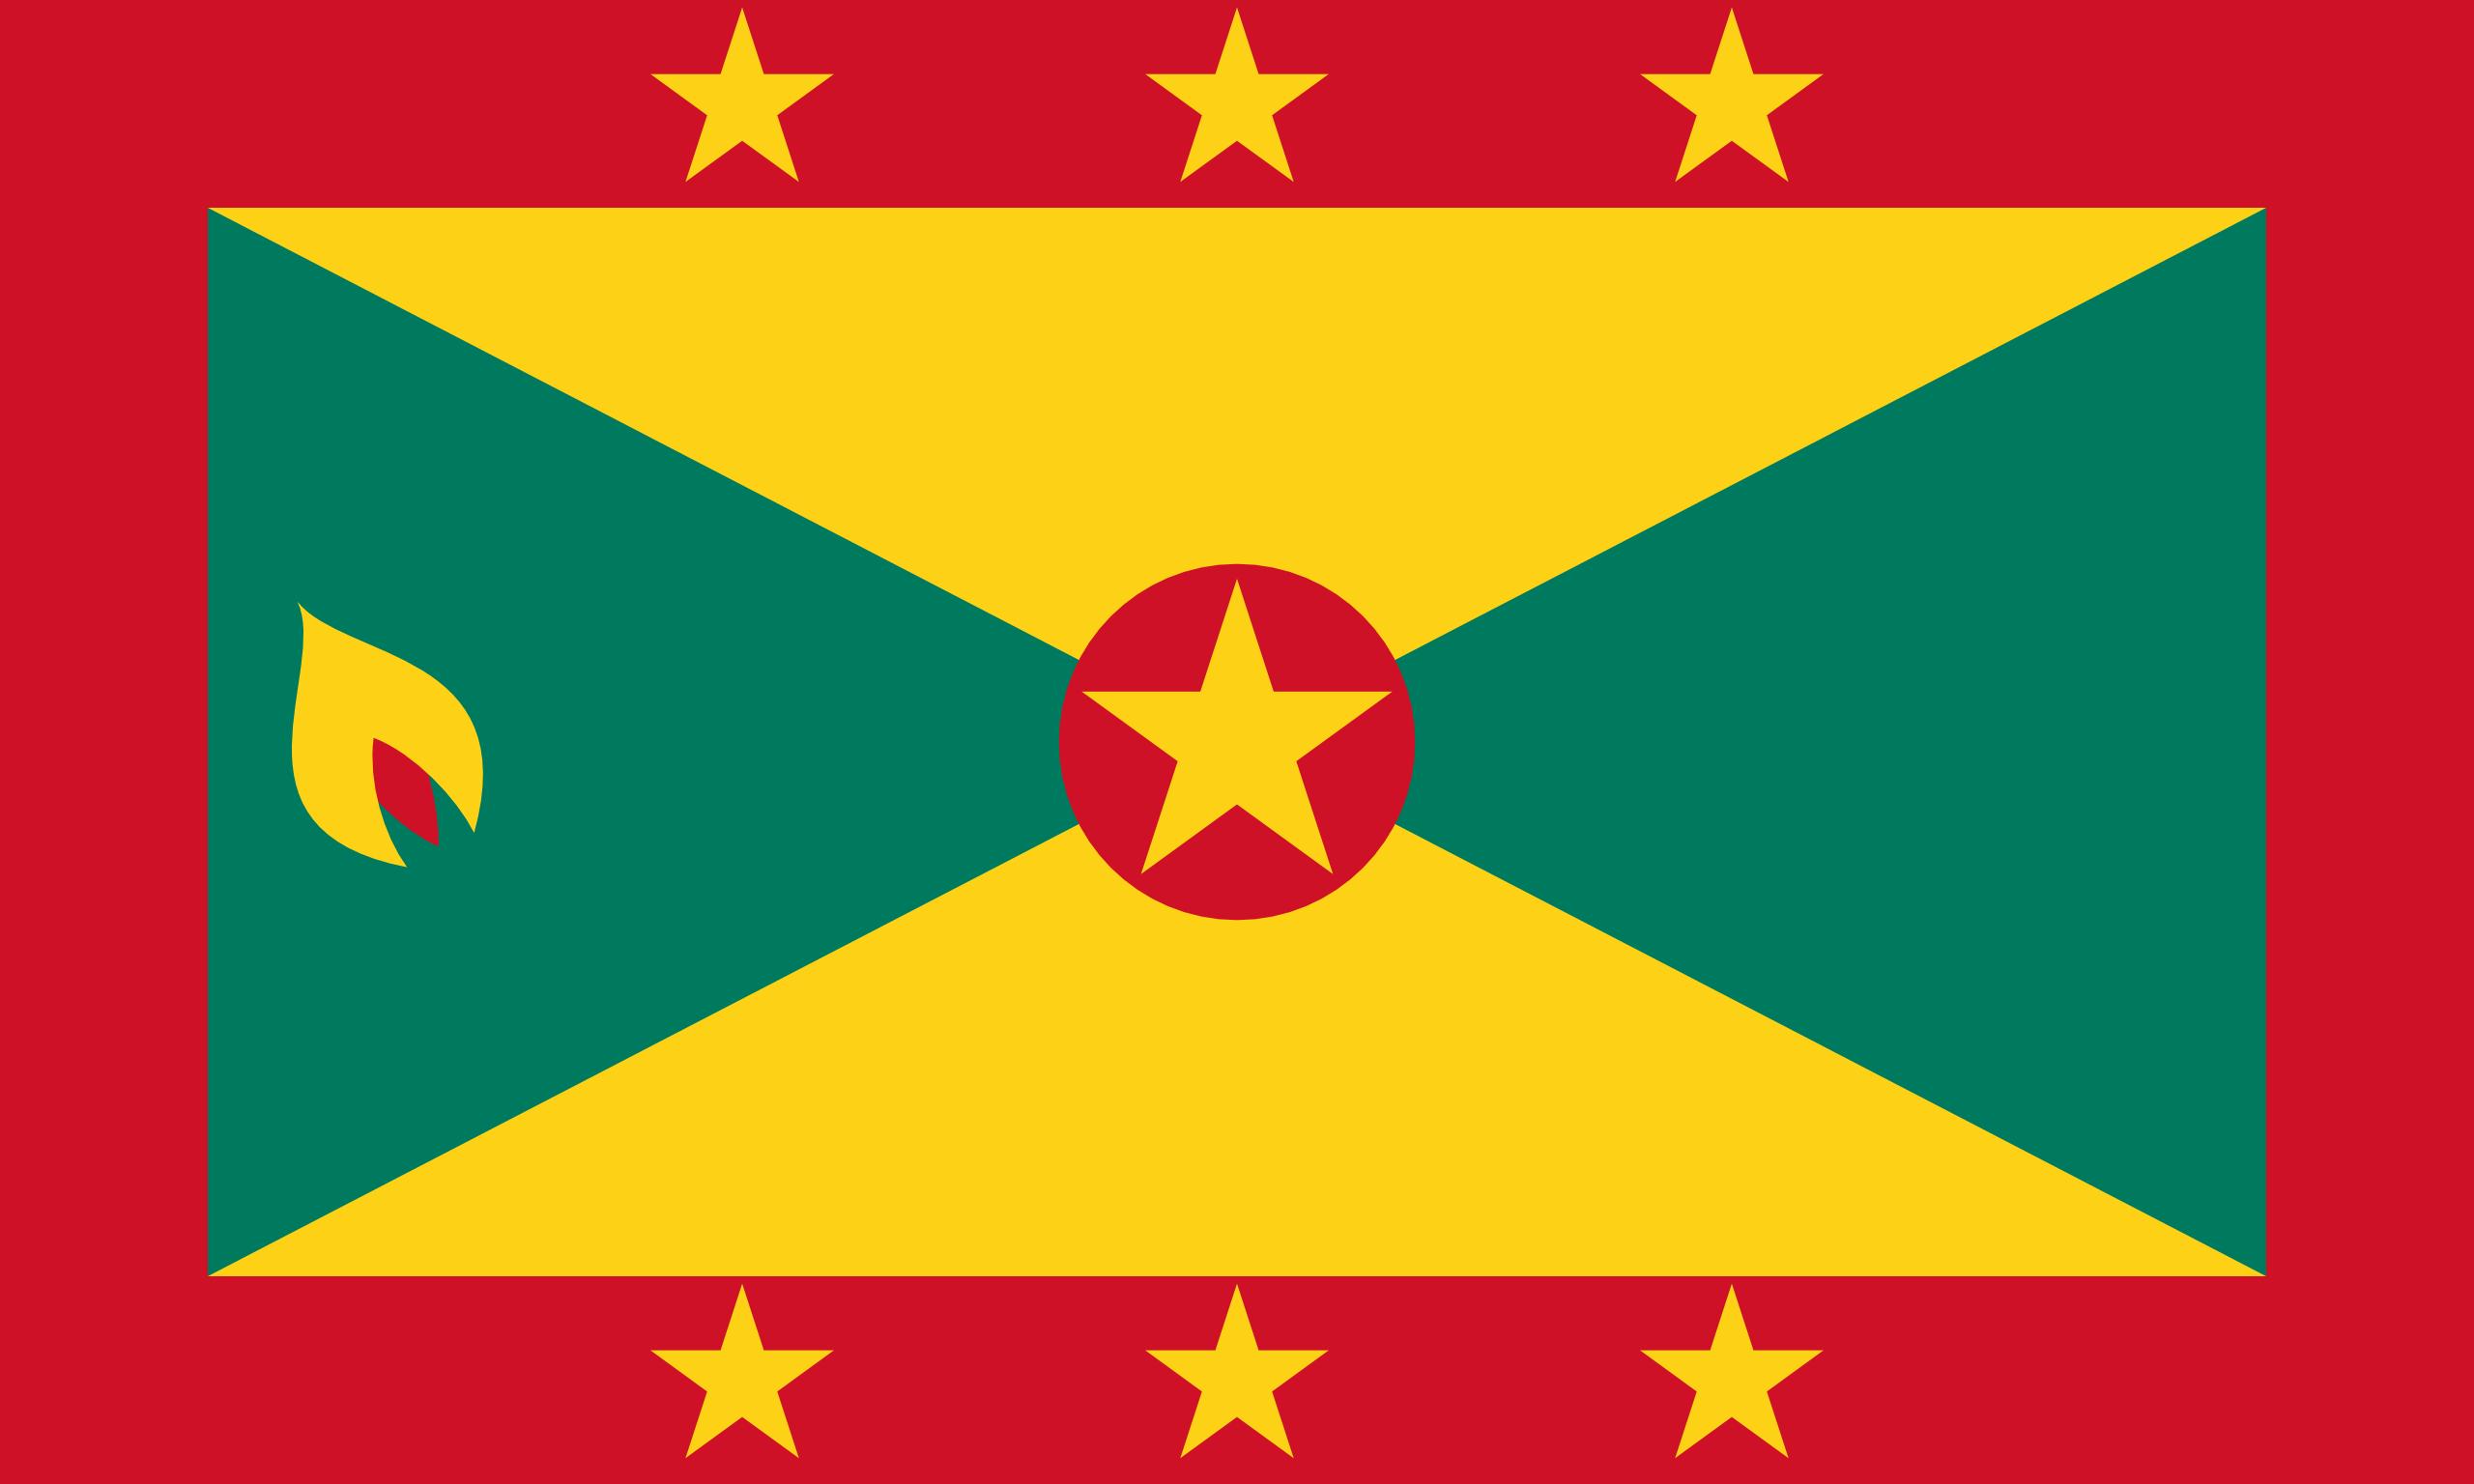 Granada, pays, emblème, logo, symbole - Fonds d'écran HD - Professor-falken.com